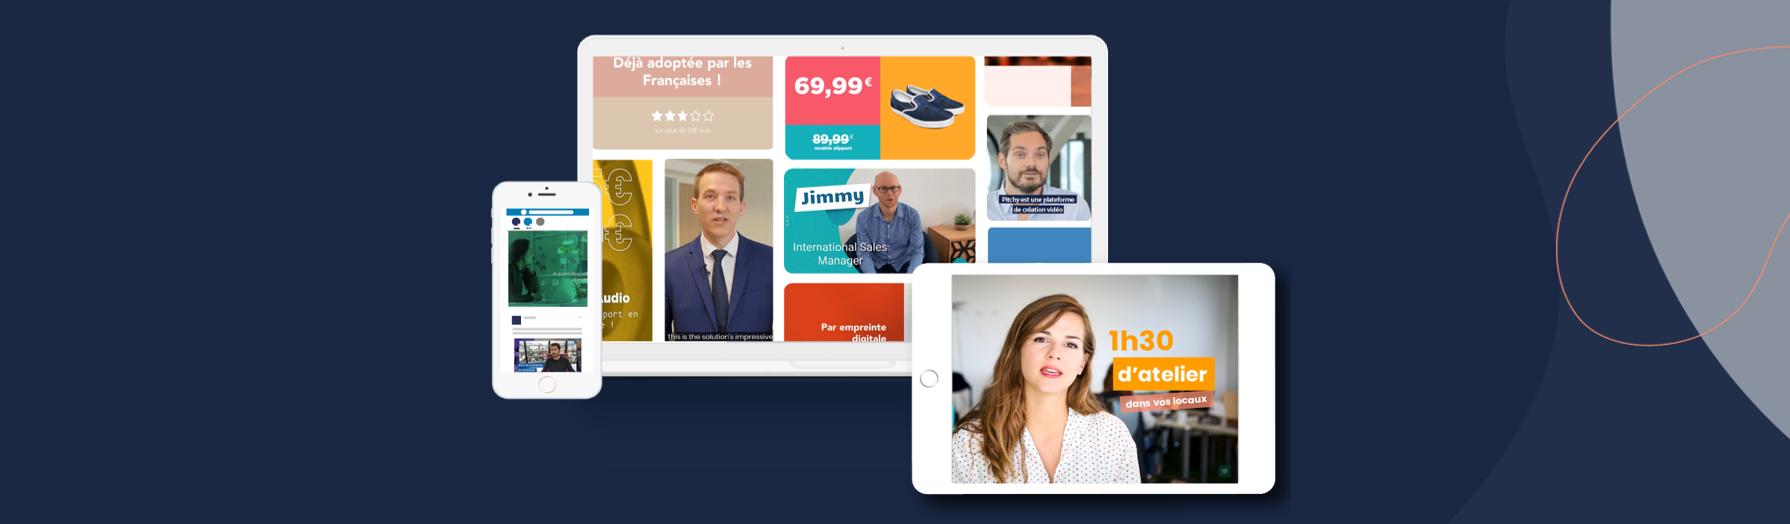 Avis Pitchy : La création vidéo enfin à la portée des entreprises - Appvizer